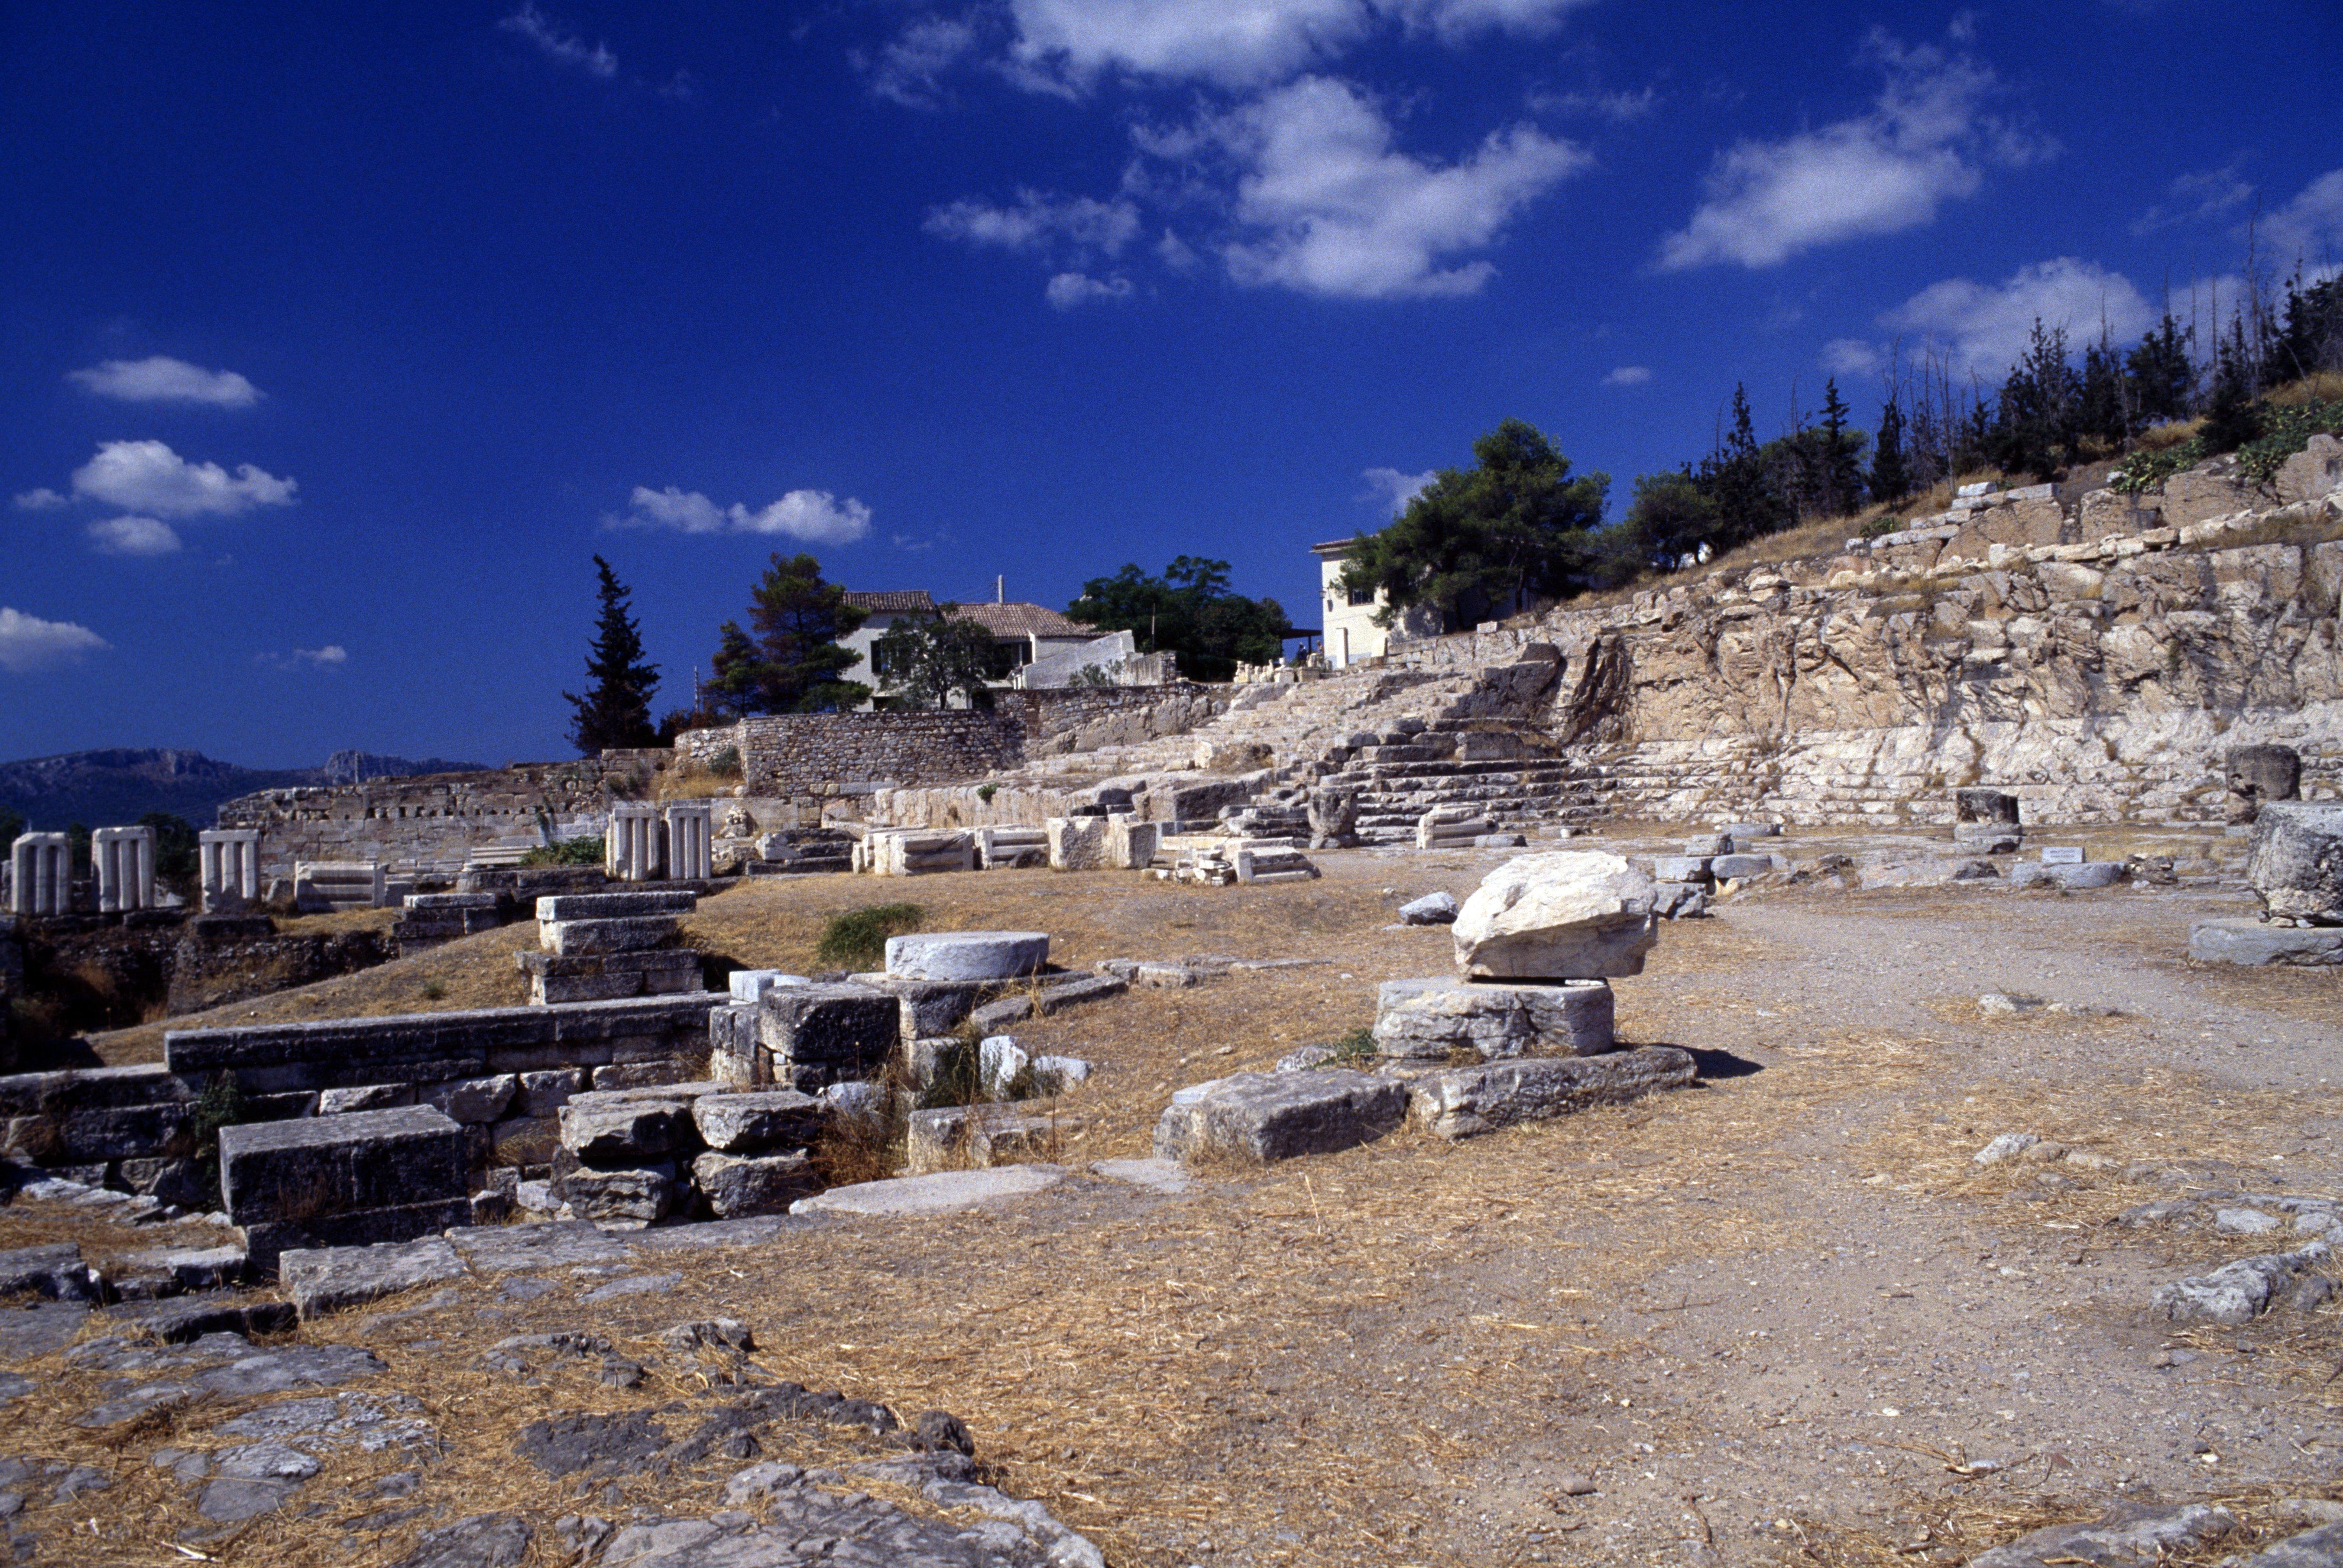 «Νύχτα της Βραδύτητας» στην Αθήνα και την Ελευσίνα στις 18 και 19